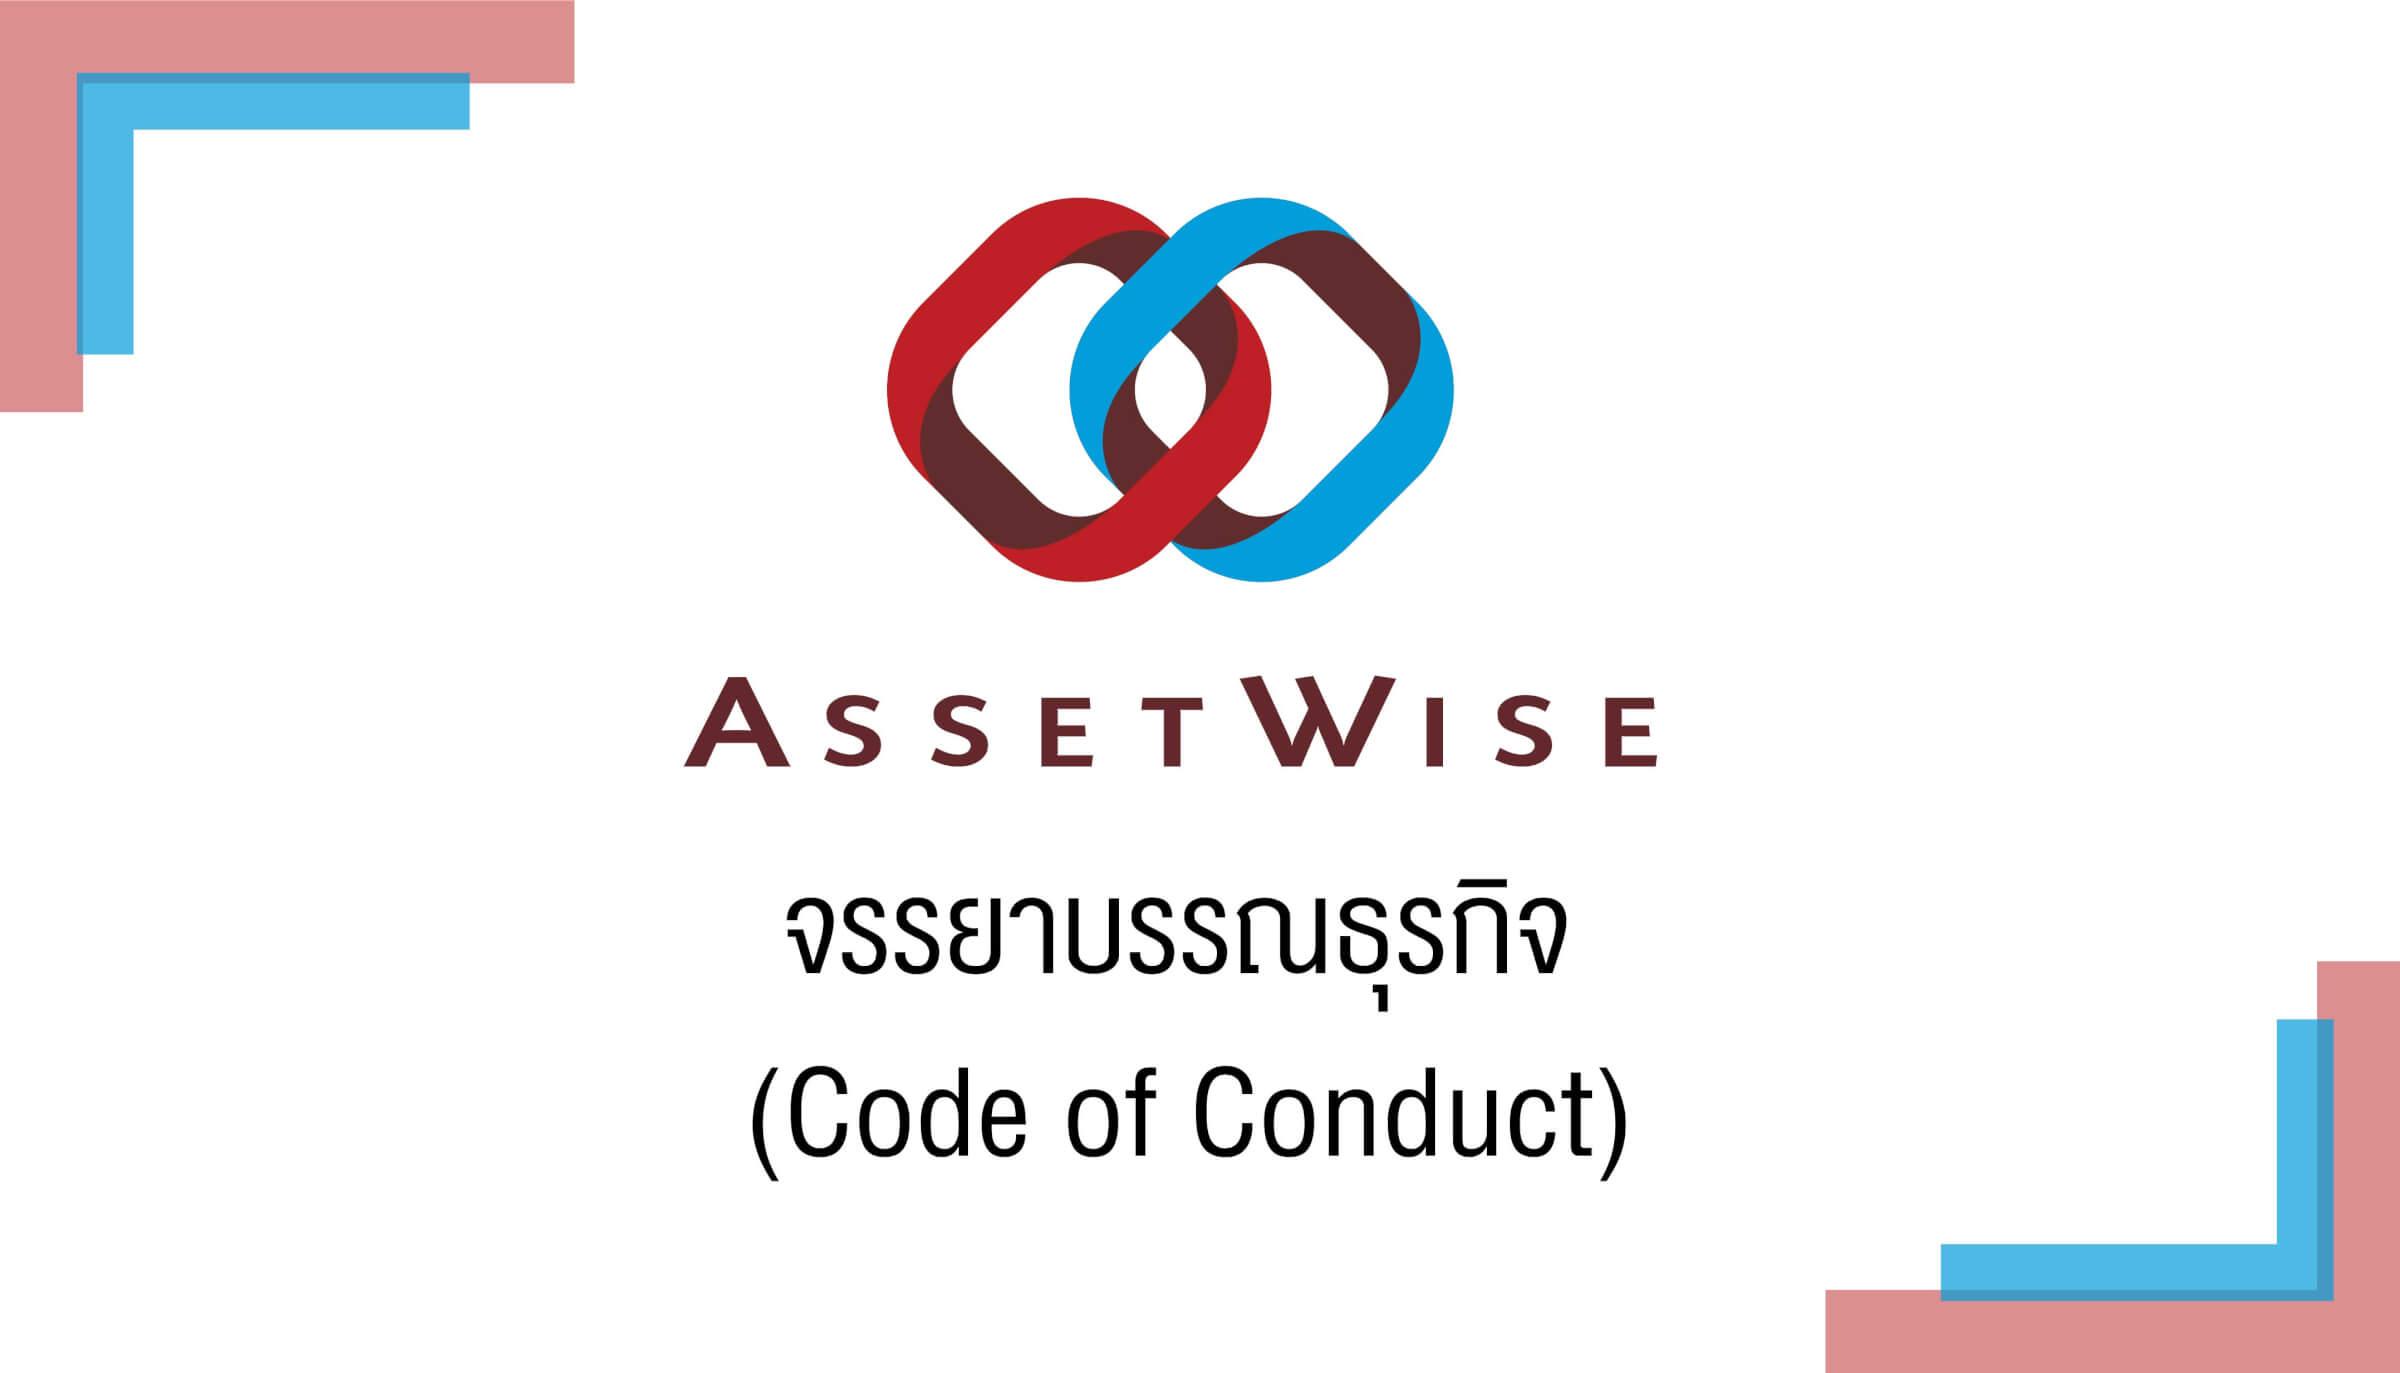 จรรยาบรรณธุรกิจ (Code of Conduct)